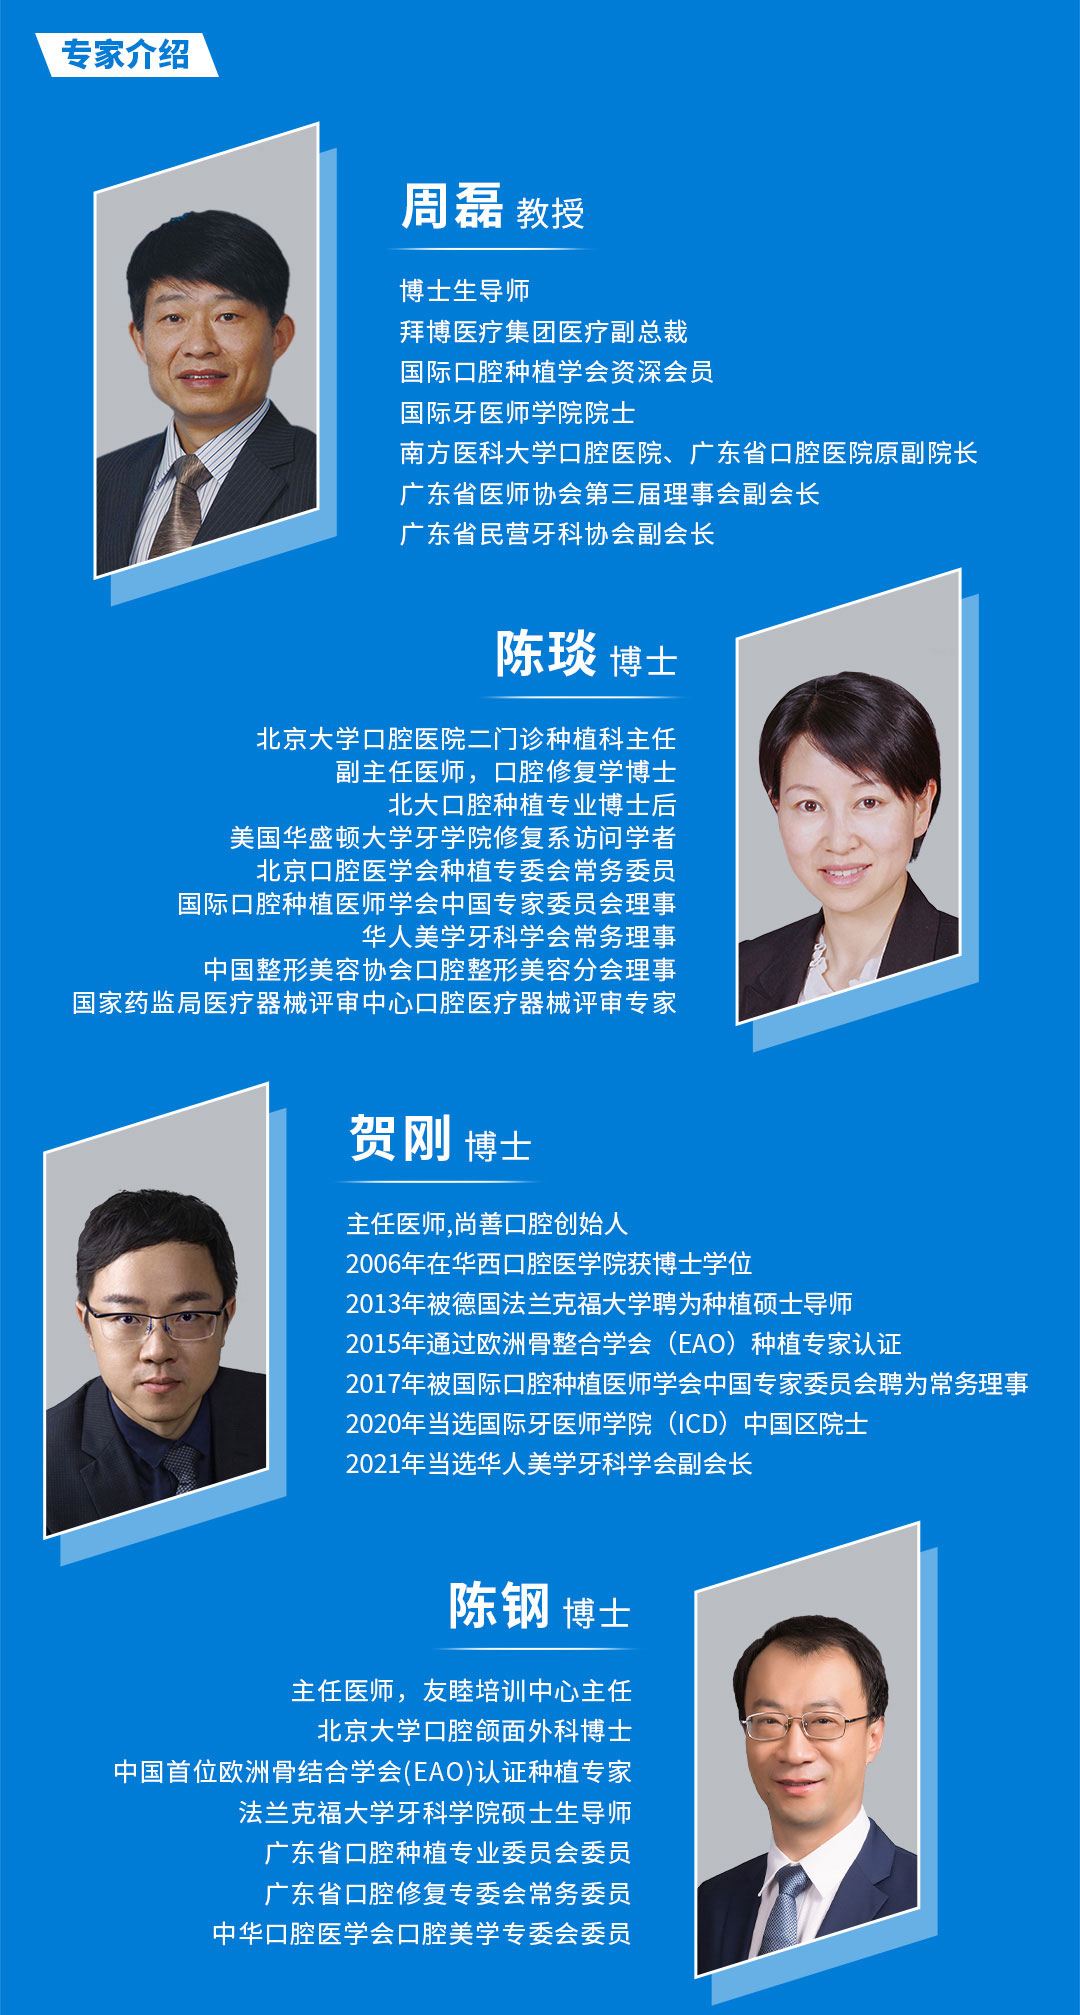 2021工業行手機長圖崔廣_03_02.jpg